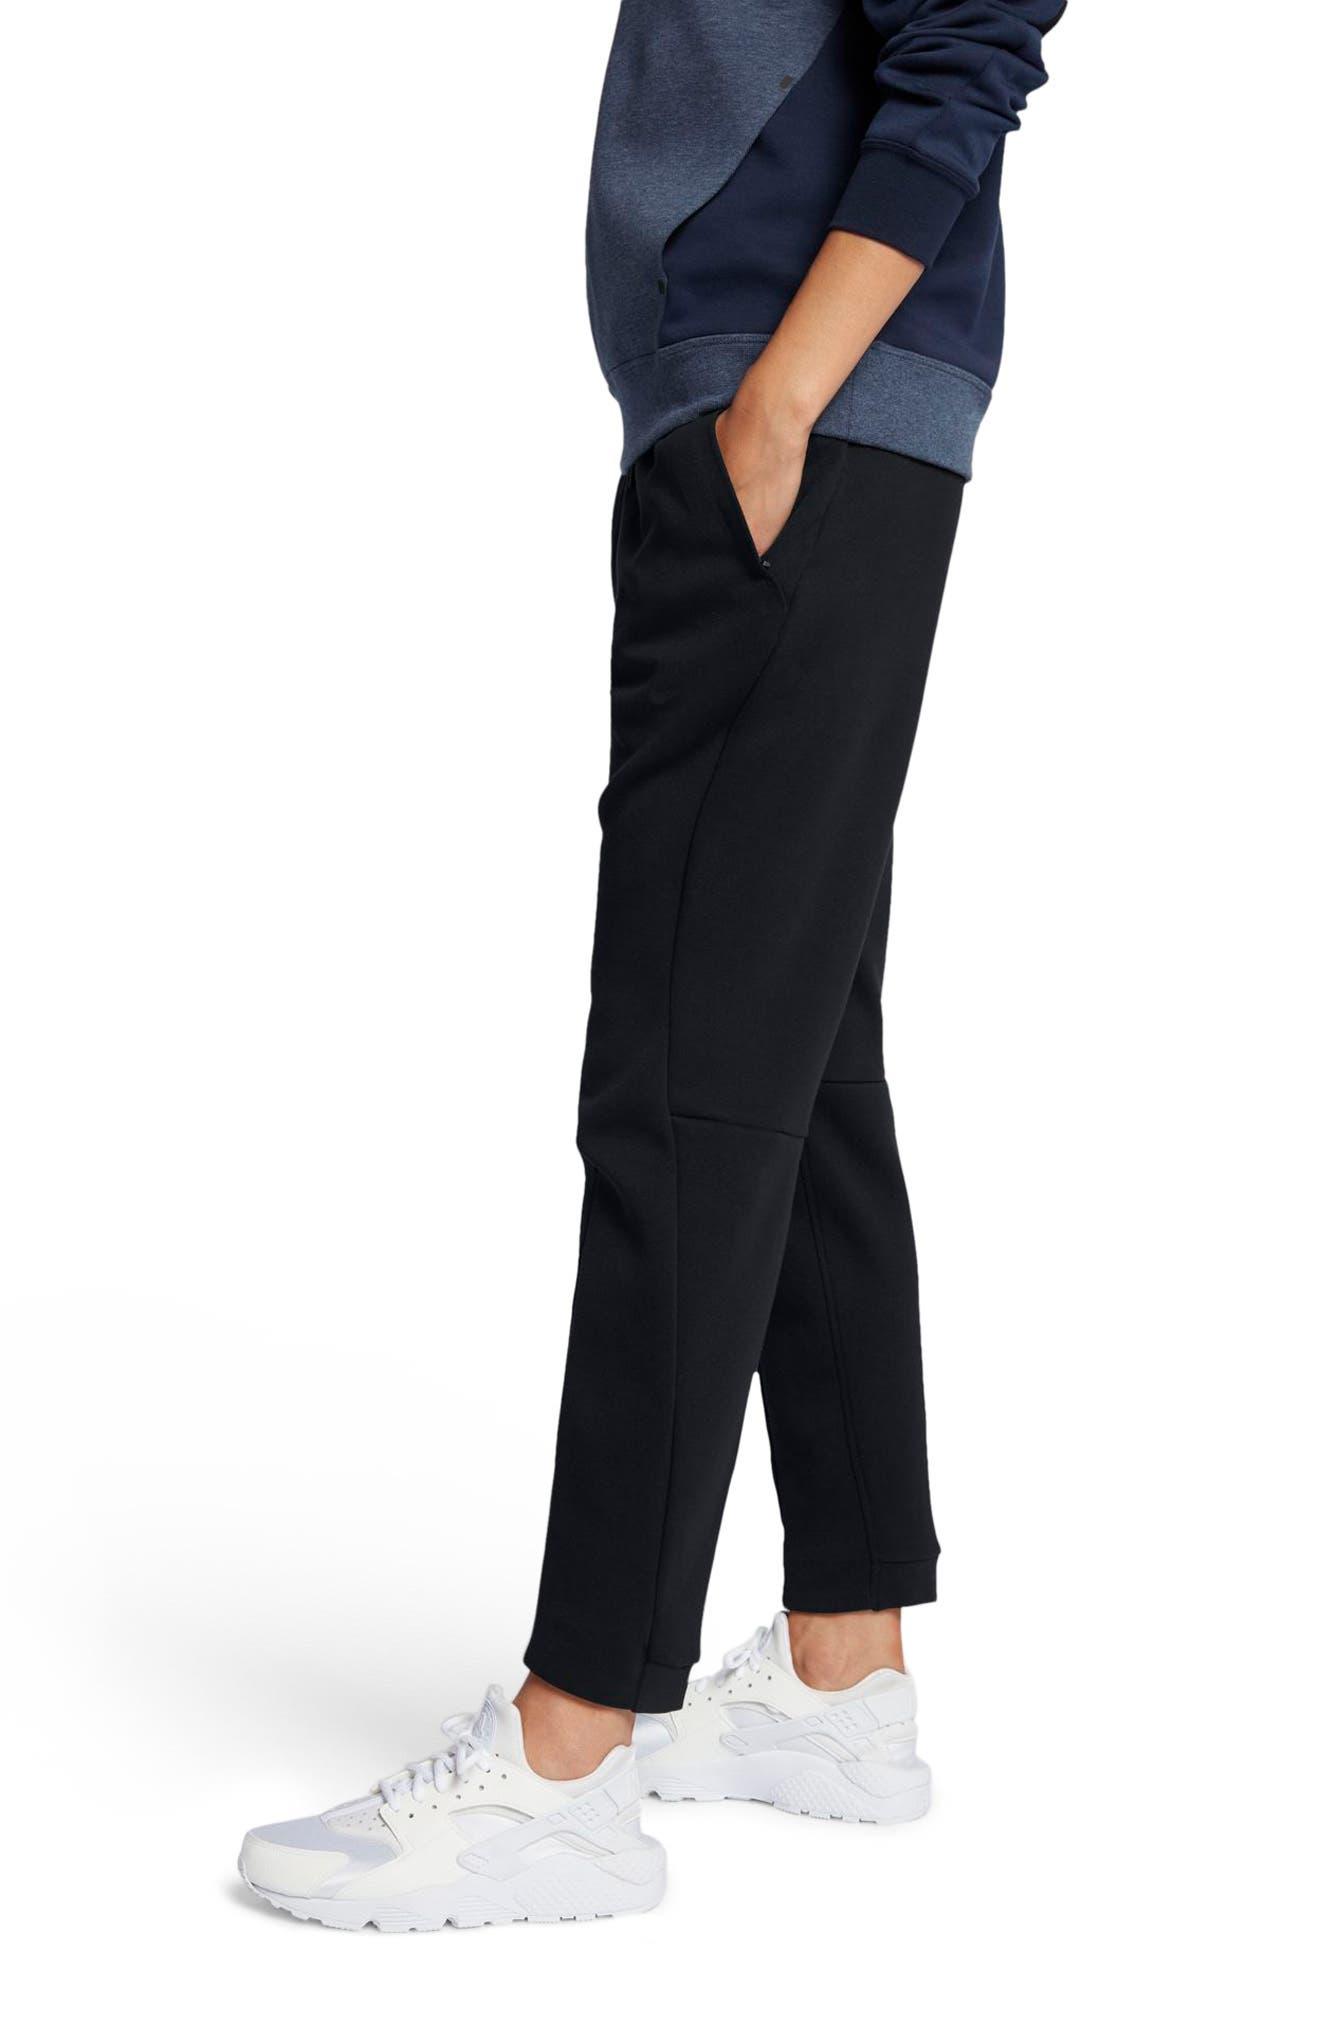 Sportswear Women's Tech Fleece Pants,                             Alternate thumbnail 3, color,                             010